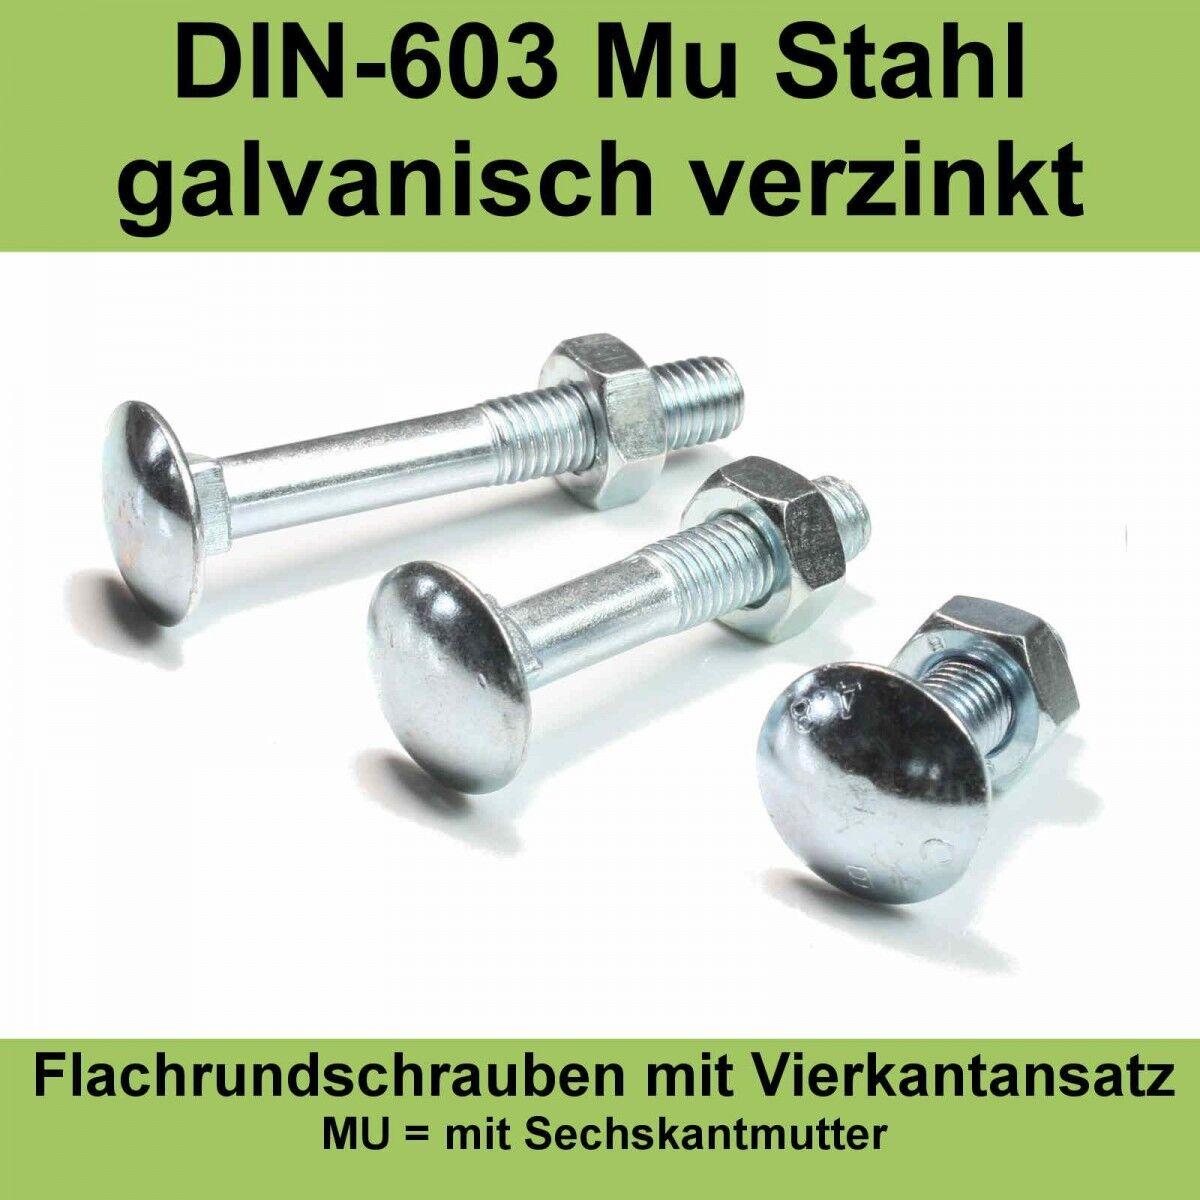 M6 DIN 603 Schloßschrauben mit Muttern verzinkt Flachrund-Schrauben Flach M6x